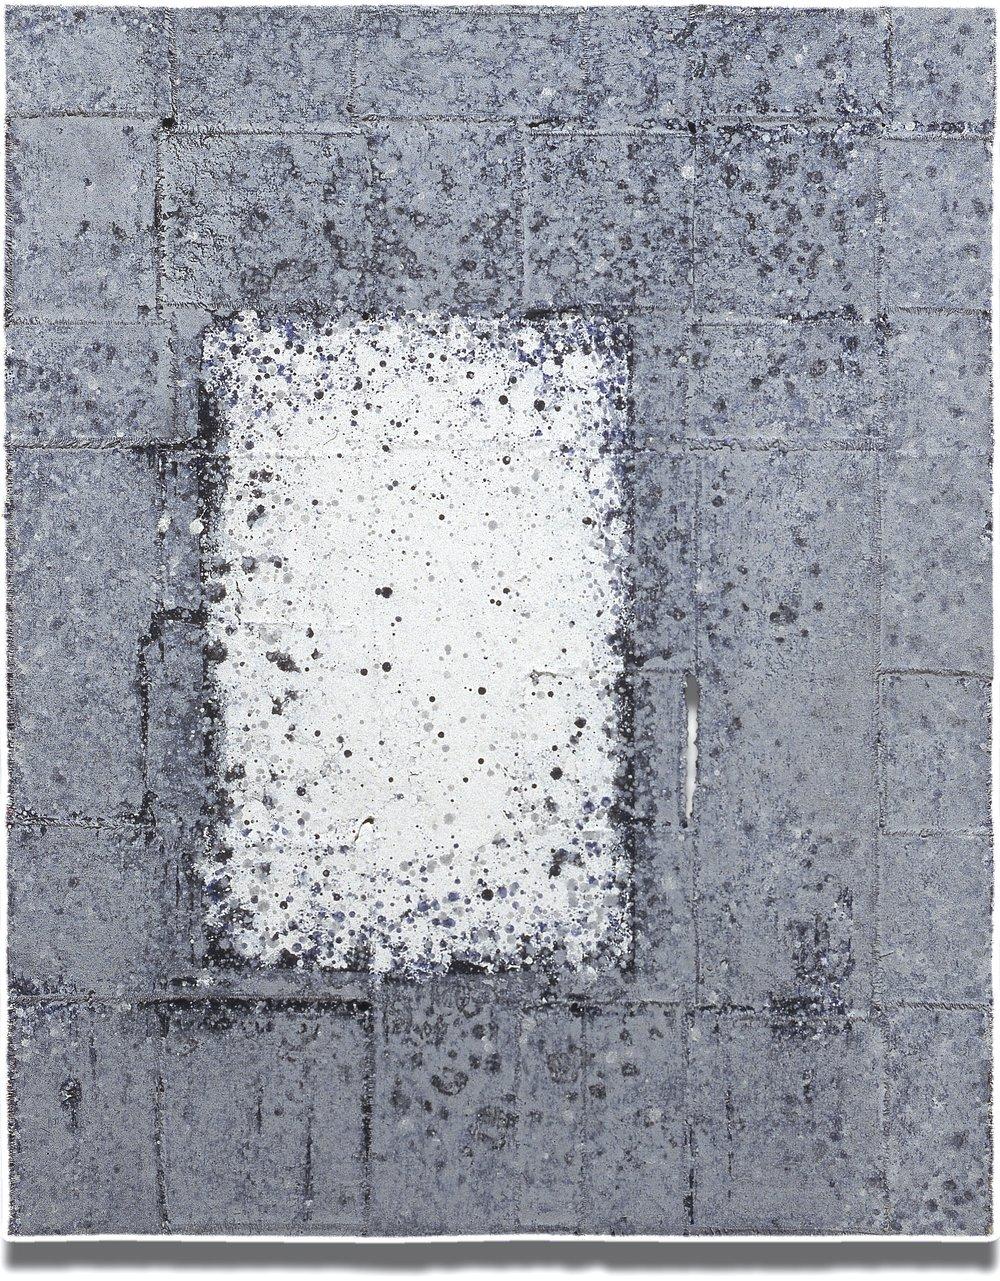 Window light, 1997